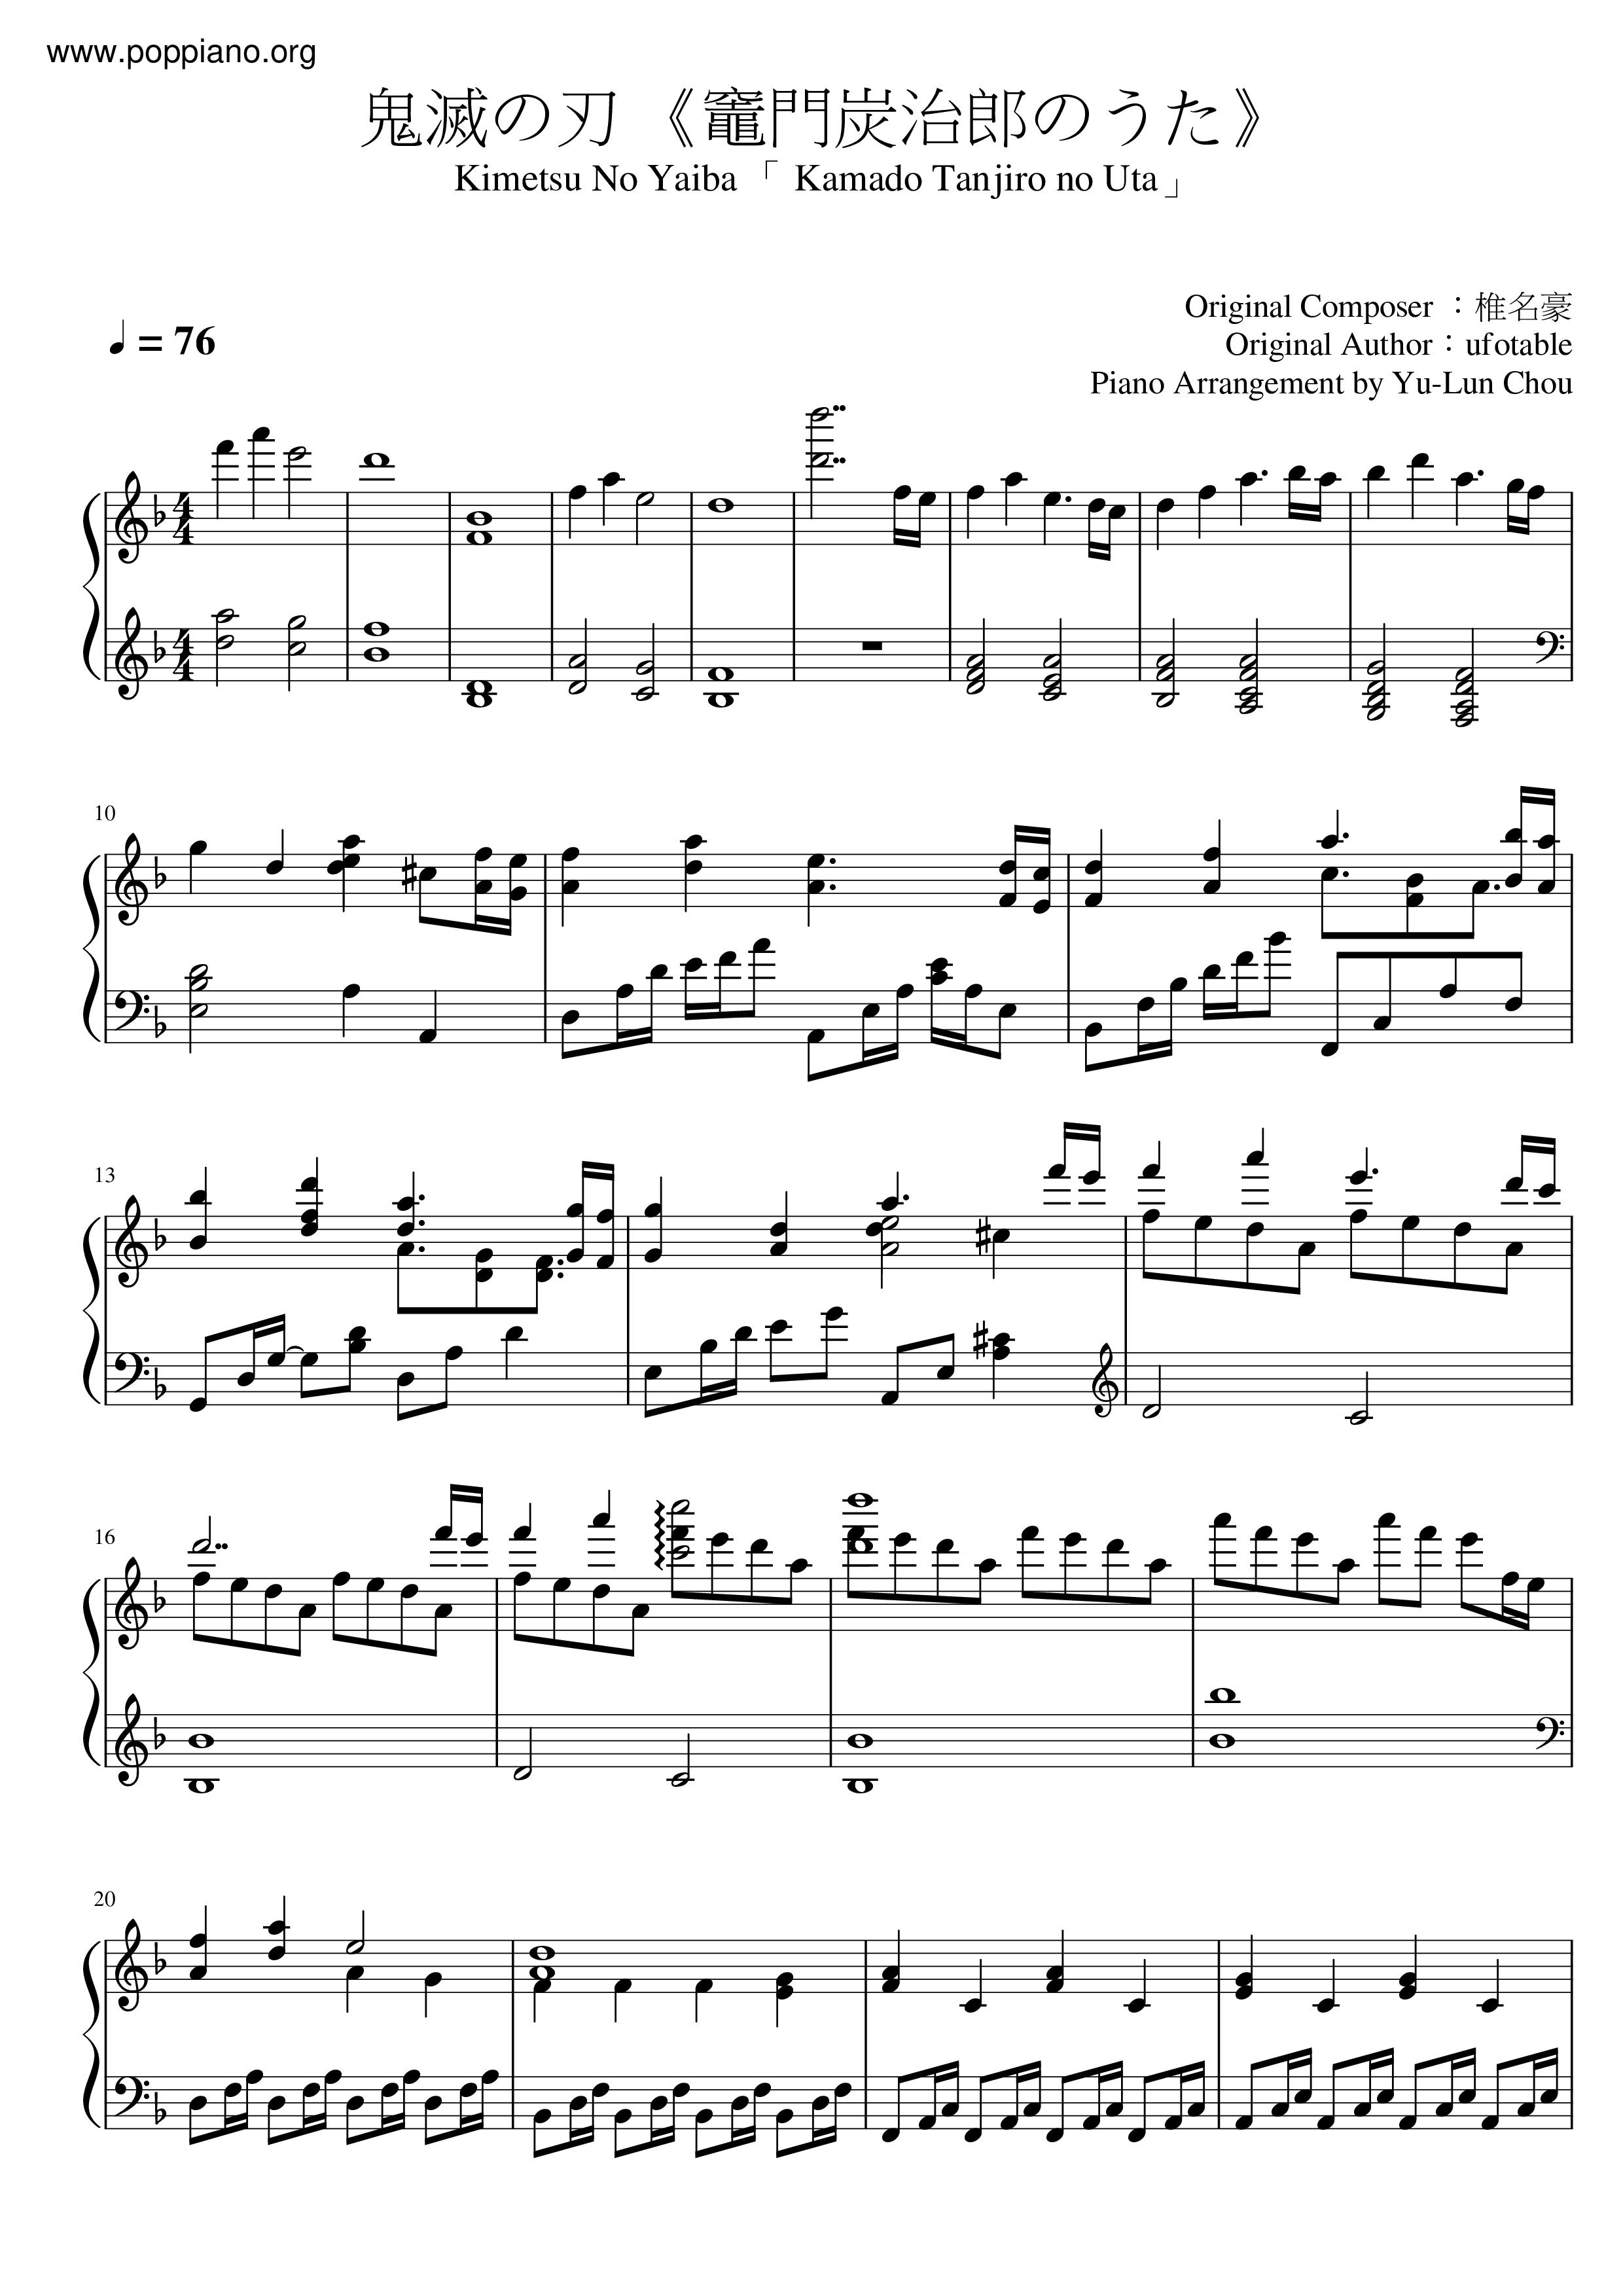 炭治郎の歌楽譜